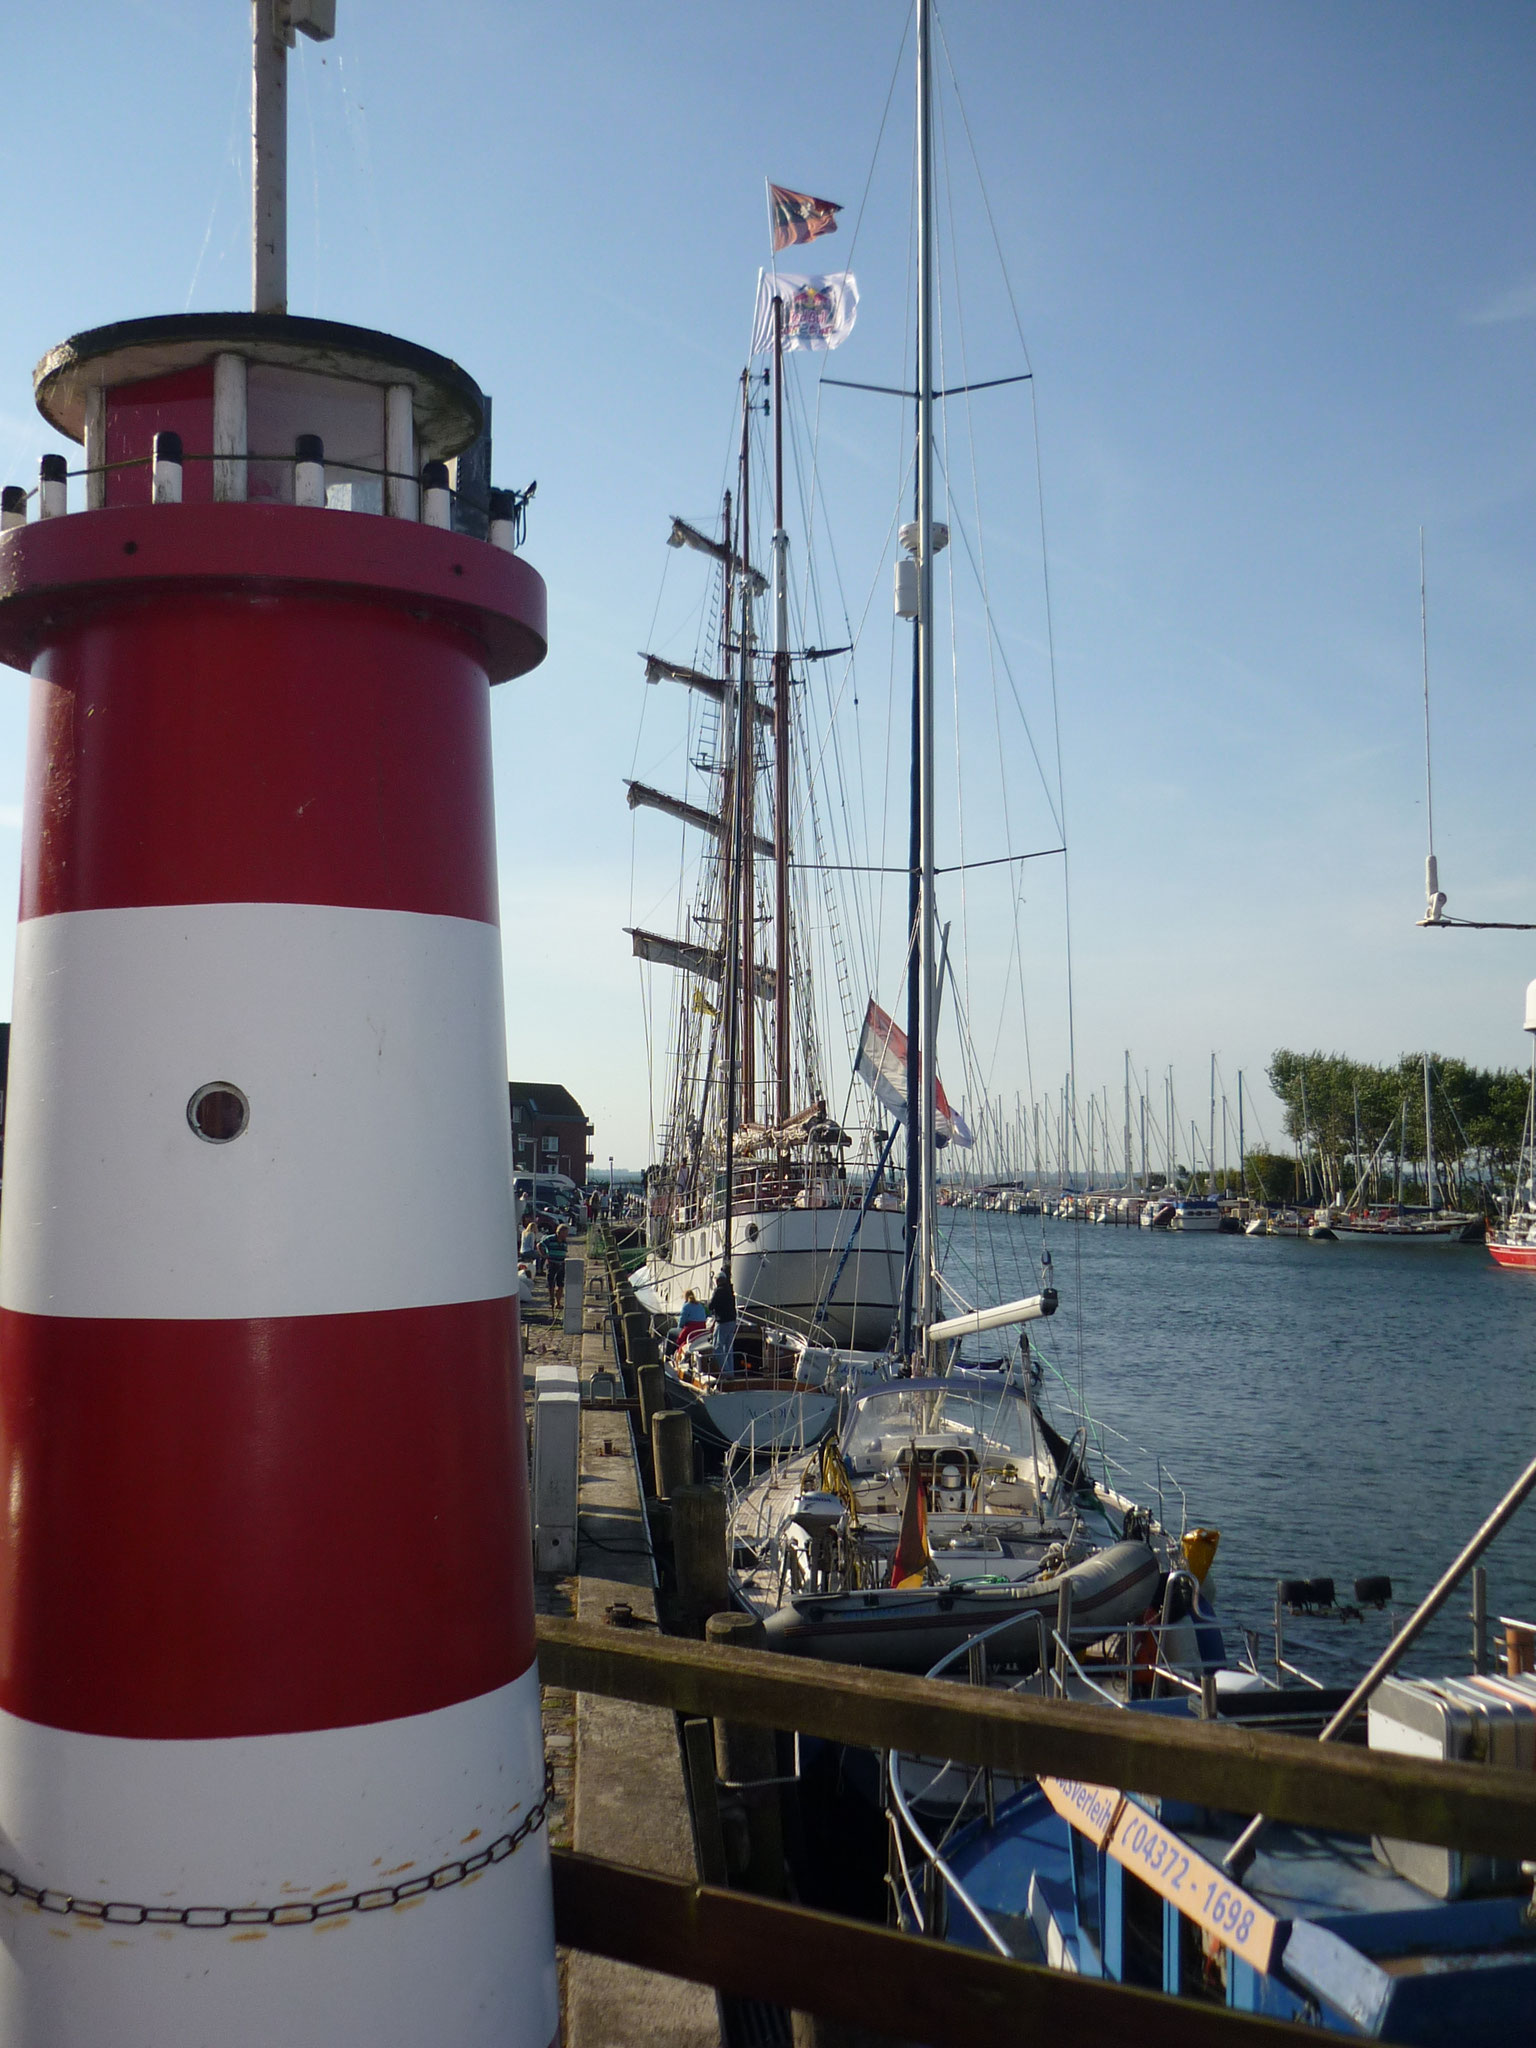 Leuchtturm und riesige Segelyacht, Hafen Orth auf Fehmarn